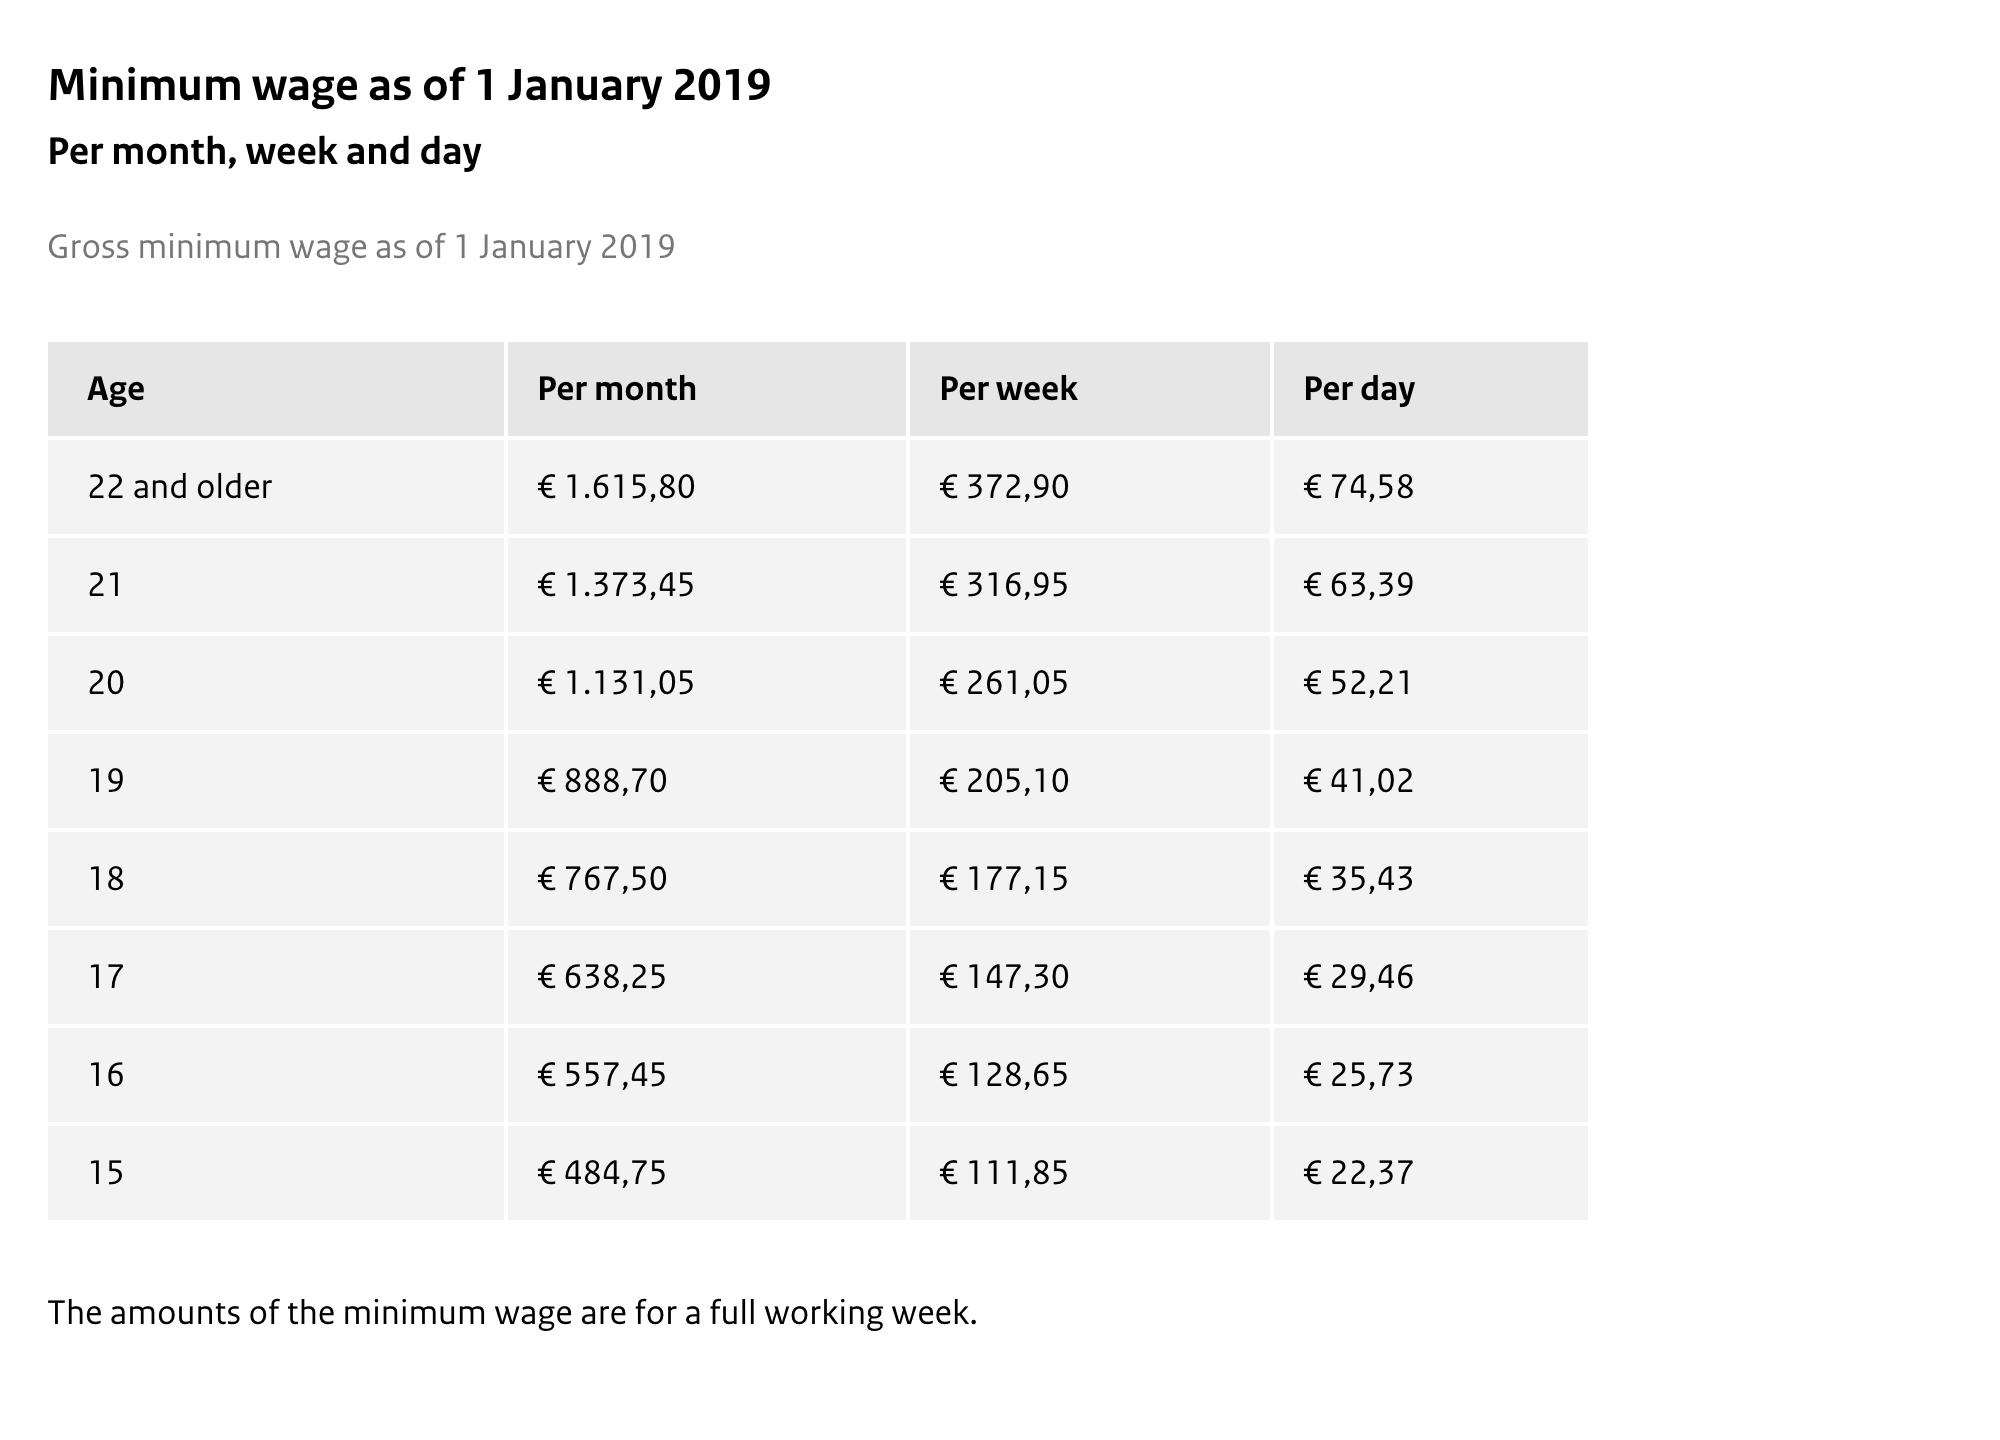 Минимальная средняя заработная плата в Нидерландах по состоянию на 1 января 2019 года. Источник: сайт Правительства Нидерландов